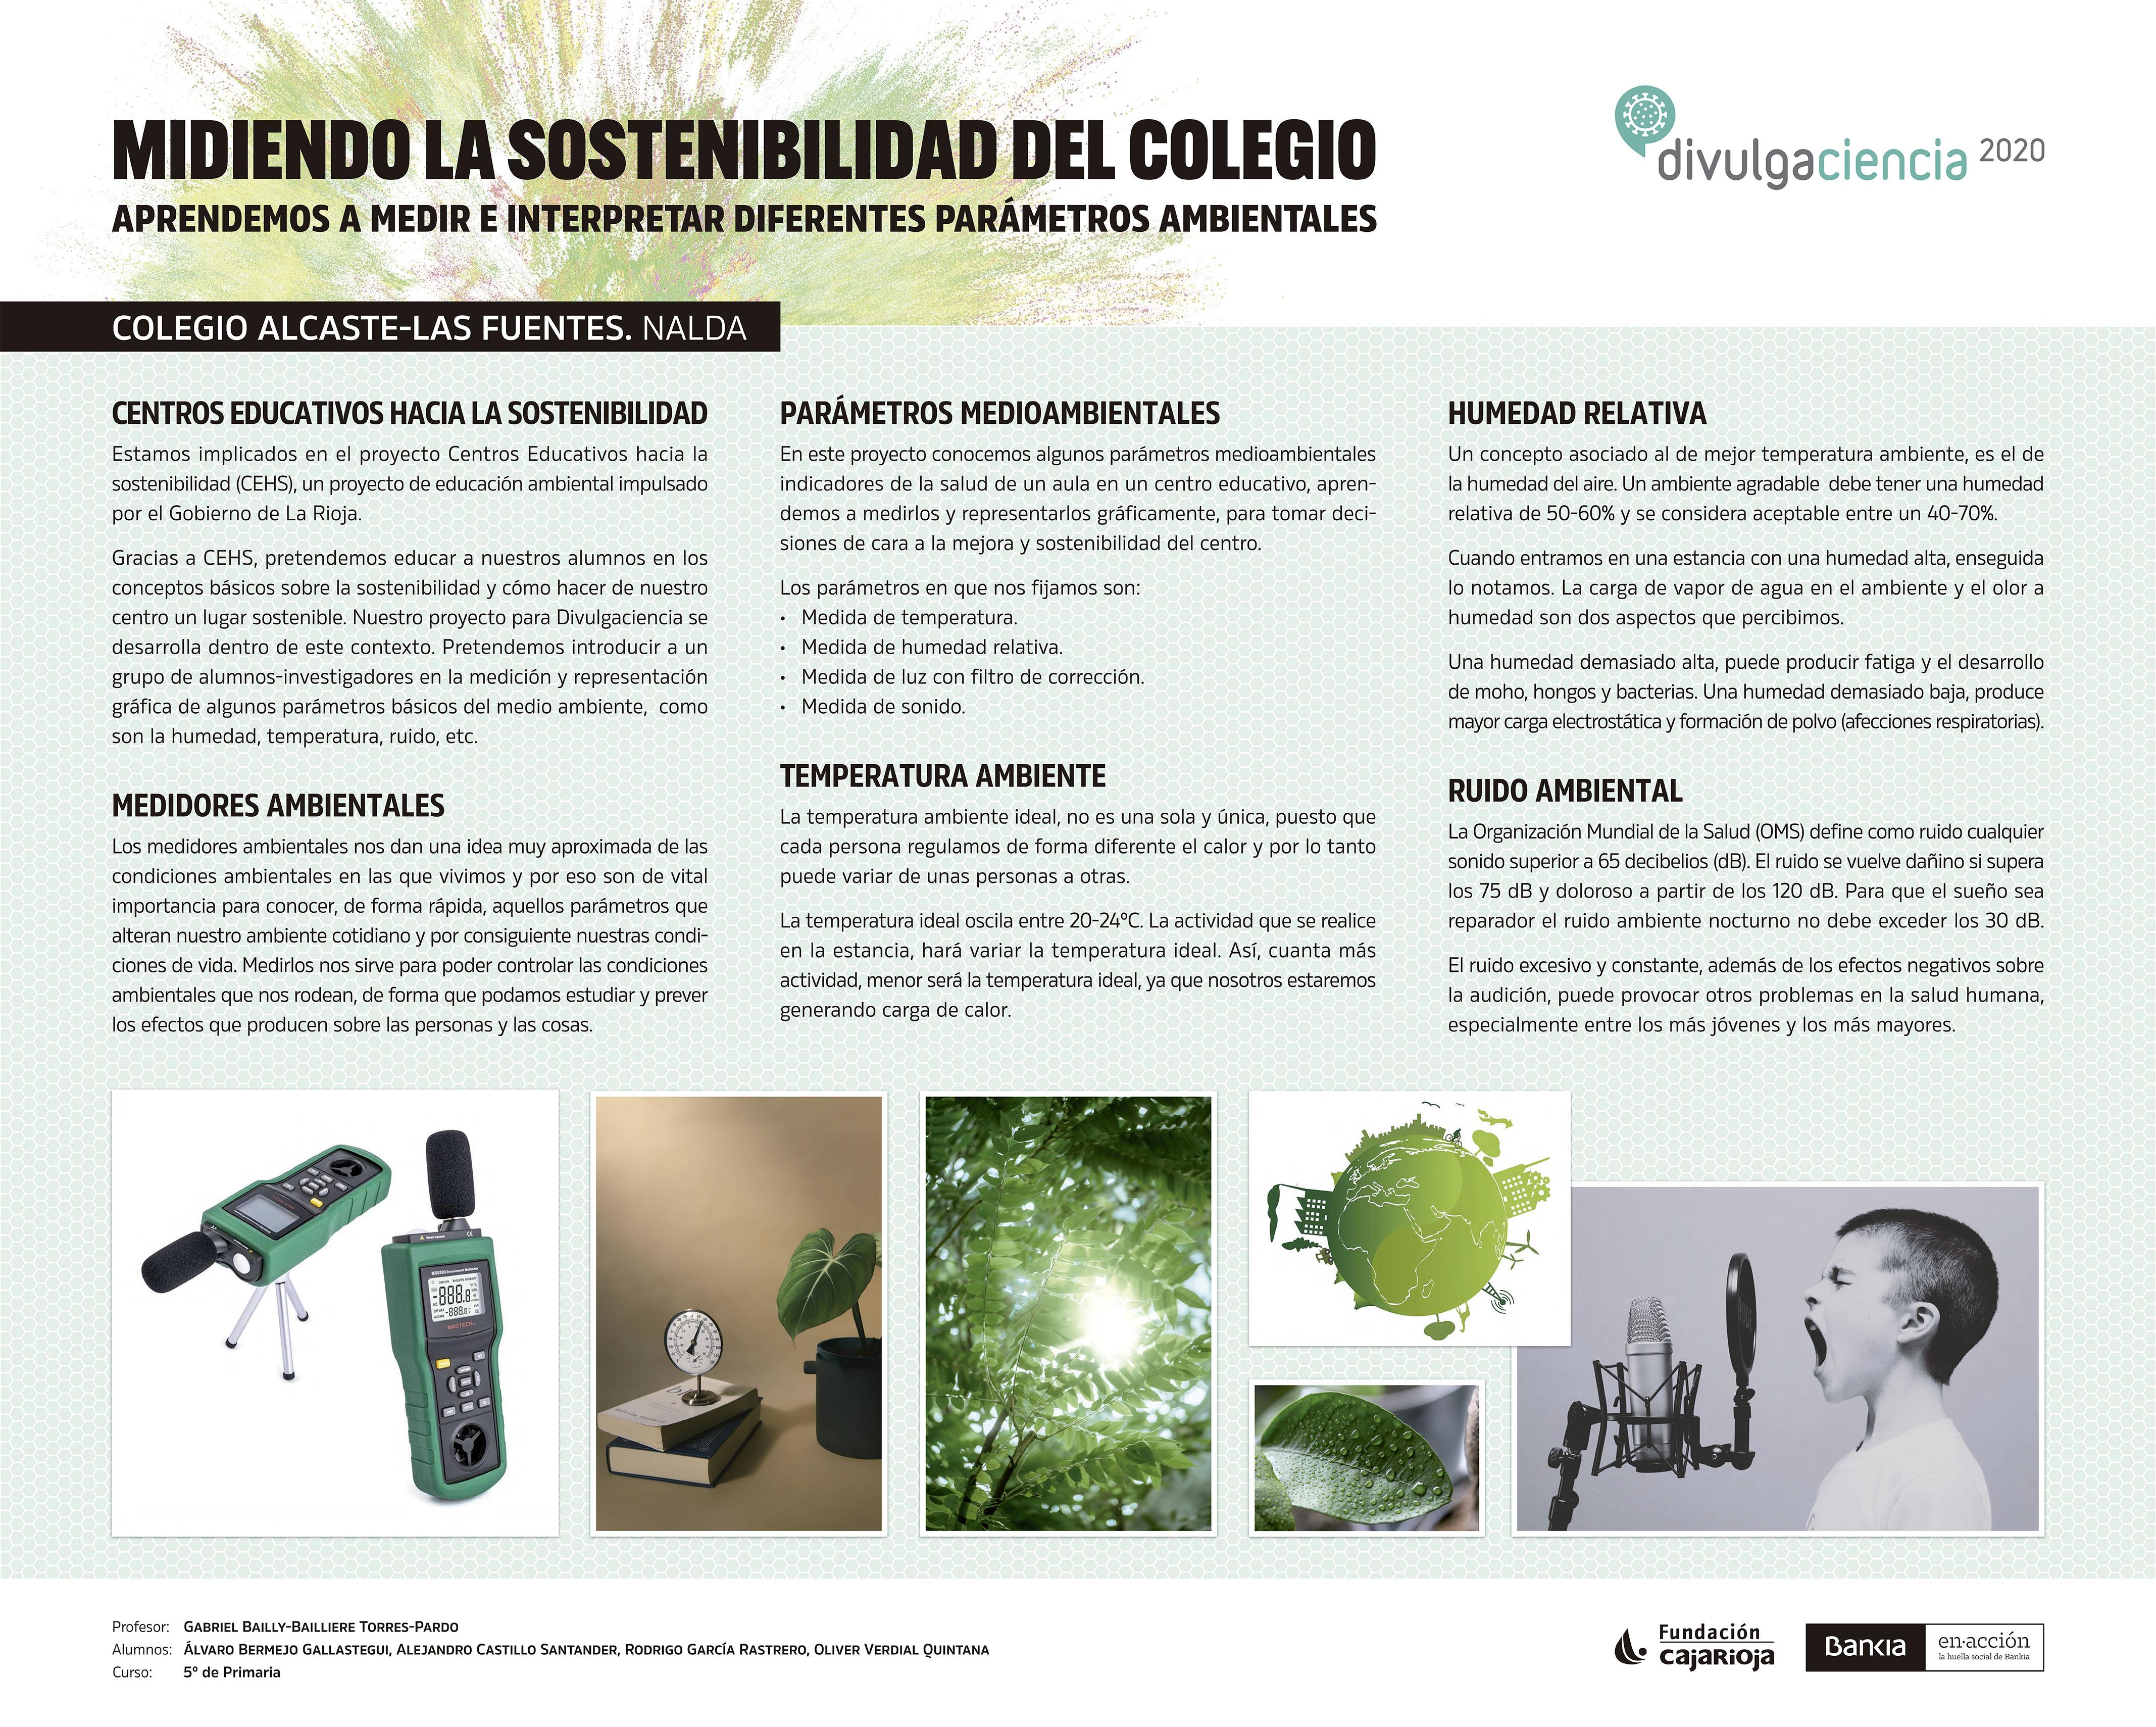 Panel MIDIENDO LA SOSTENIBILIDAD DEL COLEGIO